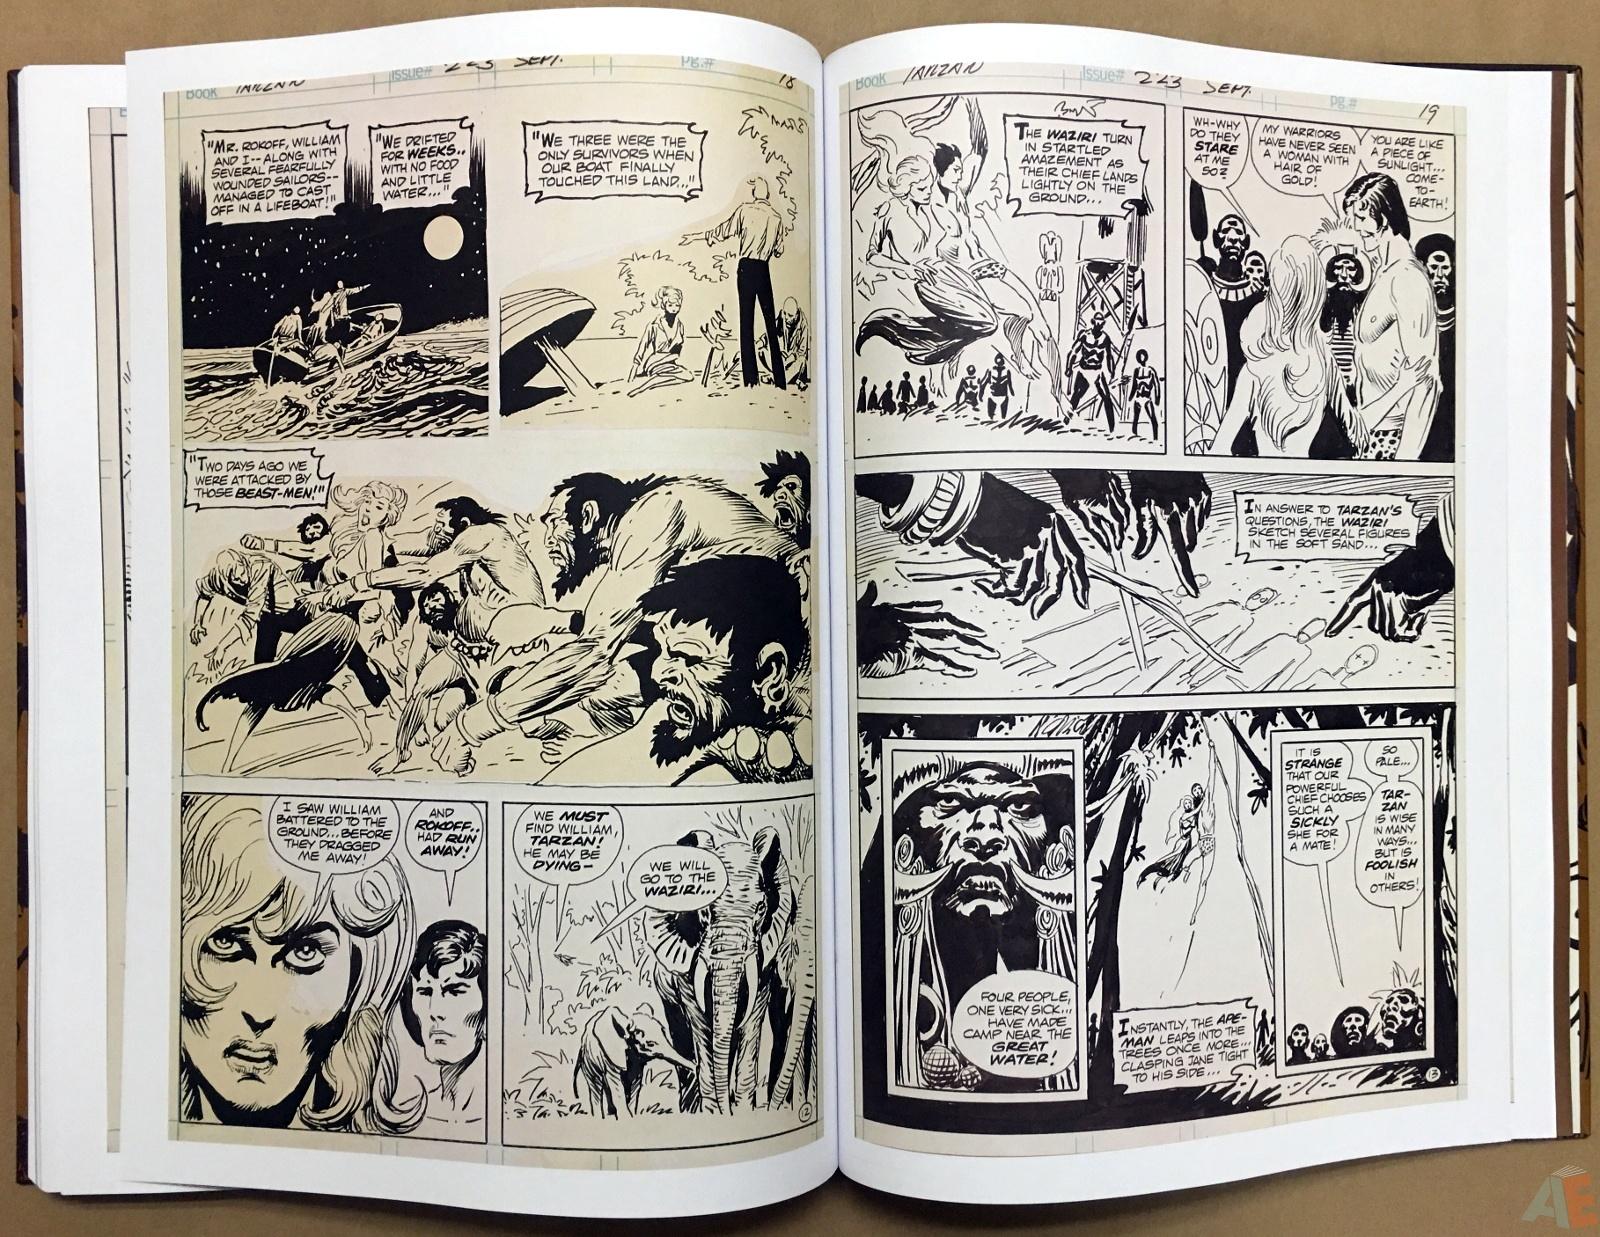 Joe Kubert's The Return Of Tarzan Artist's Edition 48